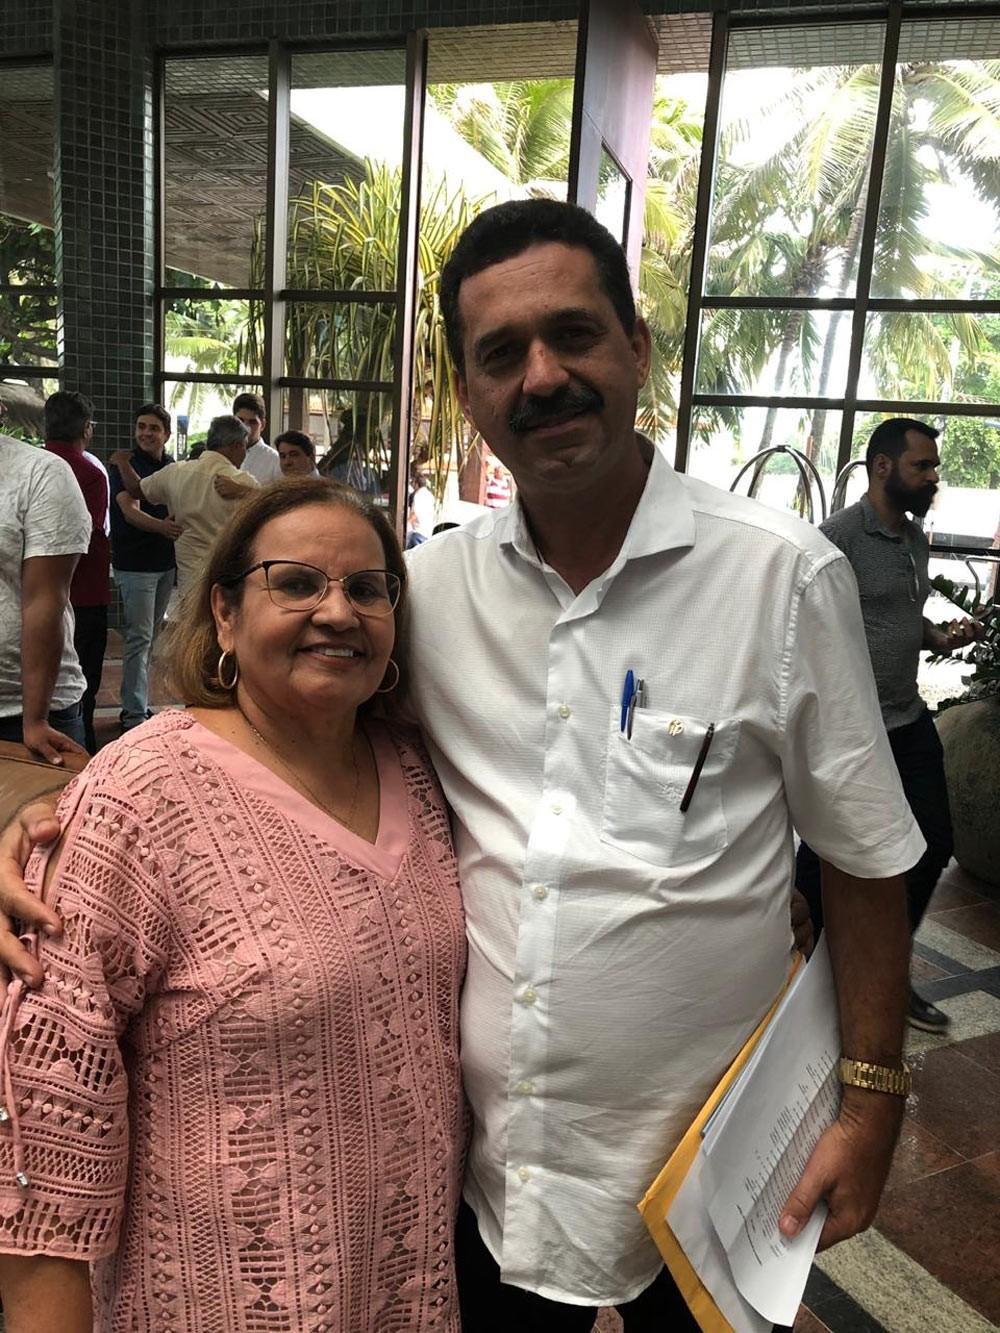 Vereadora Maria da Comesa participa da Convenção dos Progressistas em Alagoas